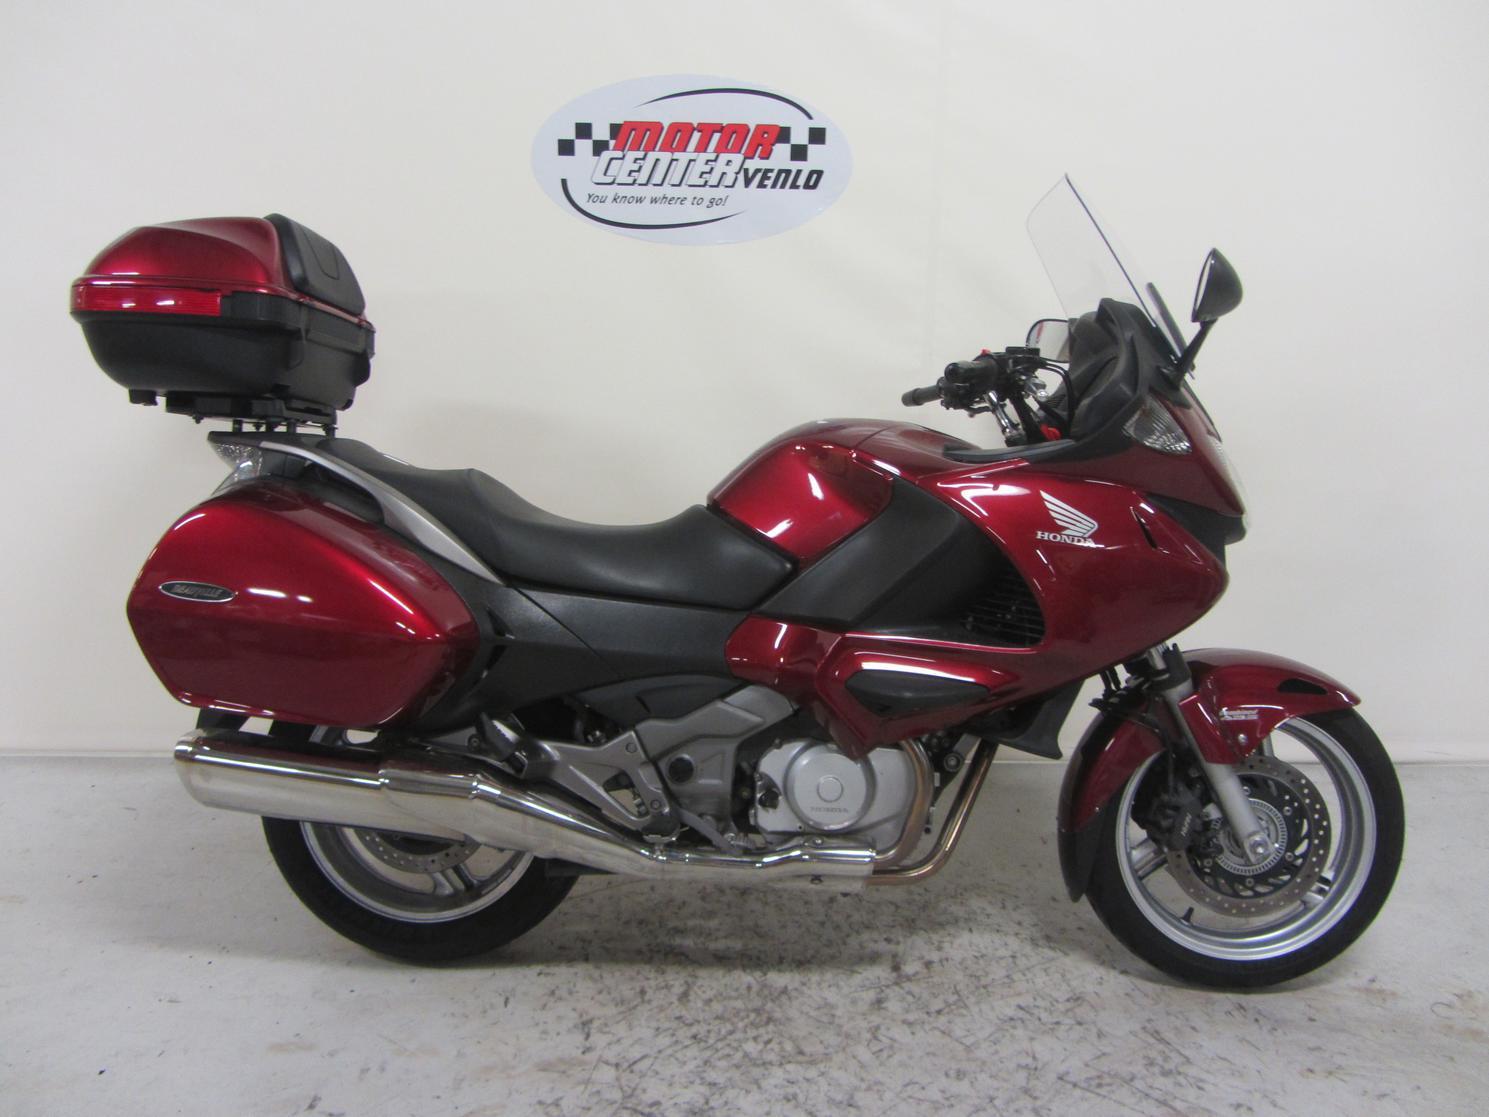 motorkleding venlo